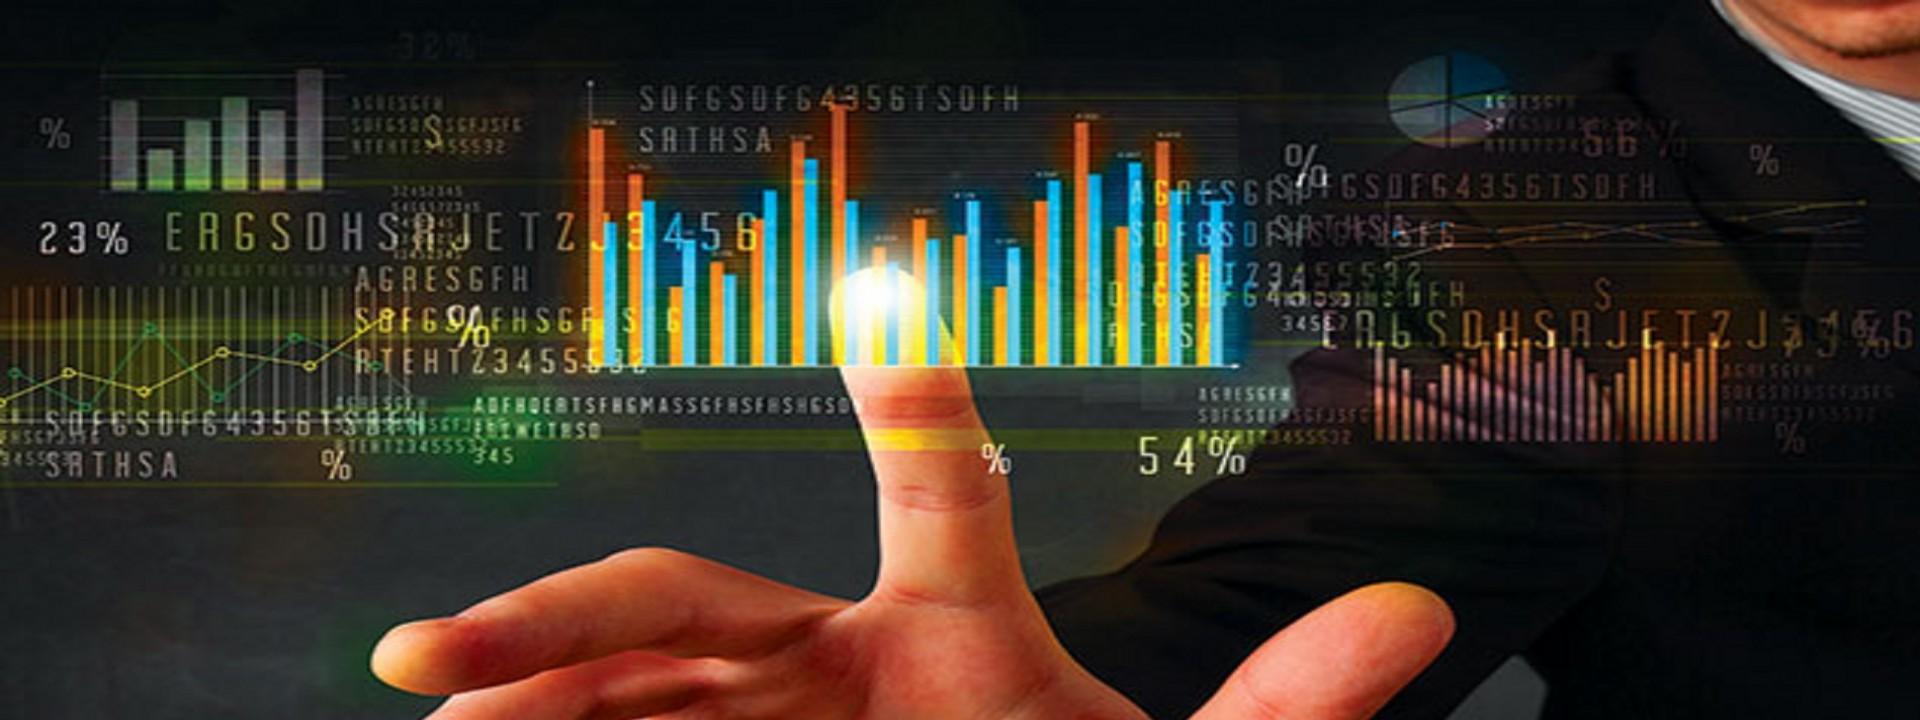 Casino energy efficiency